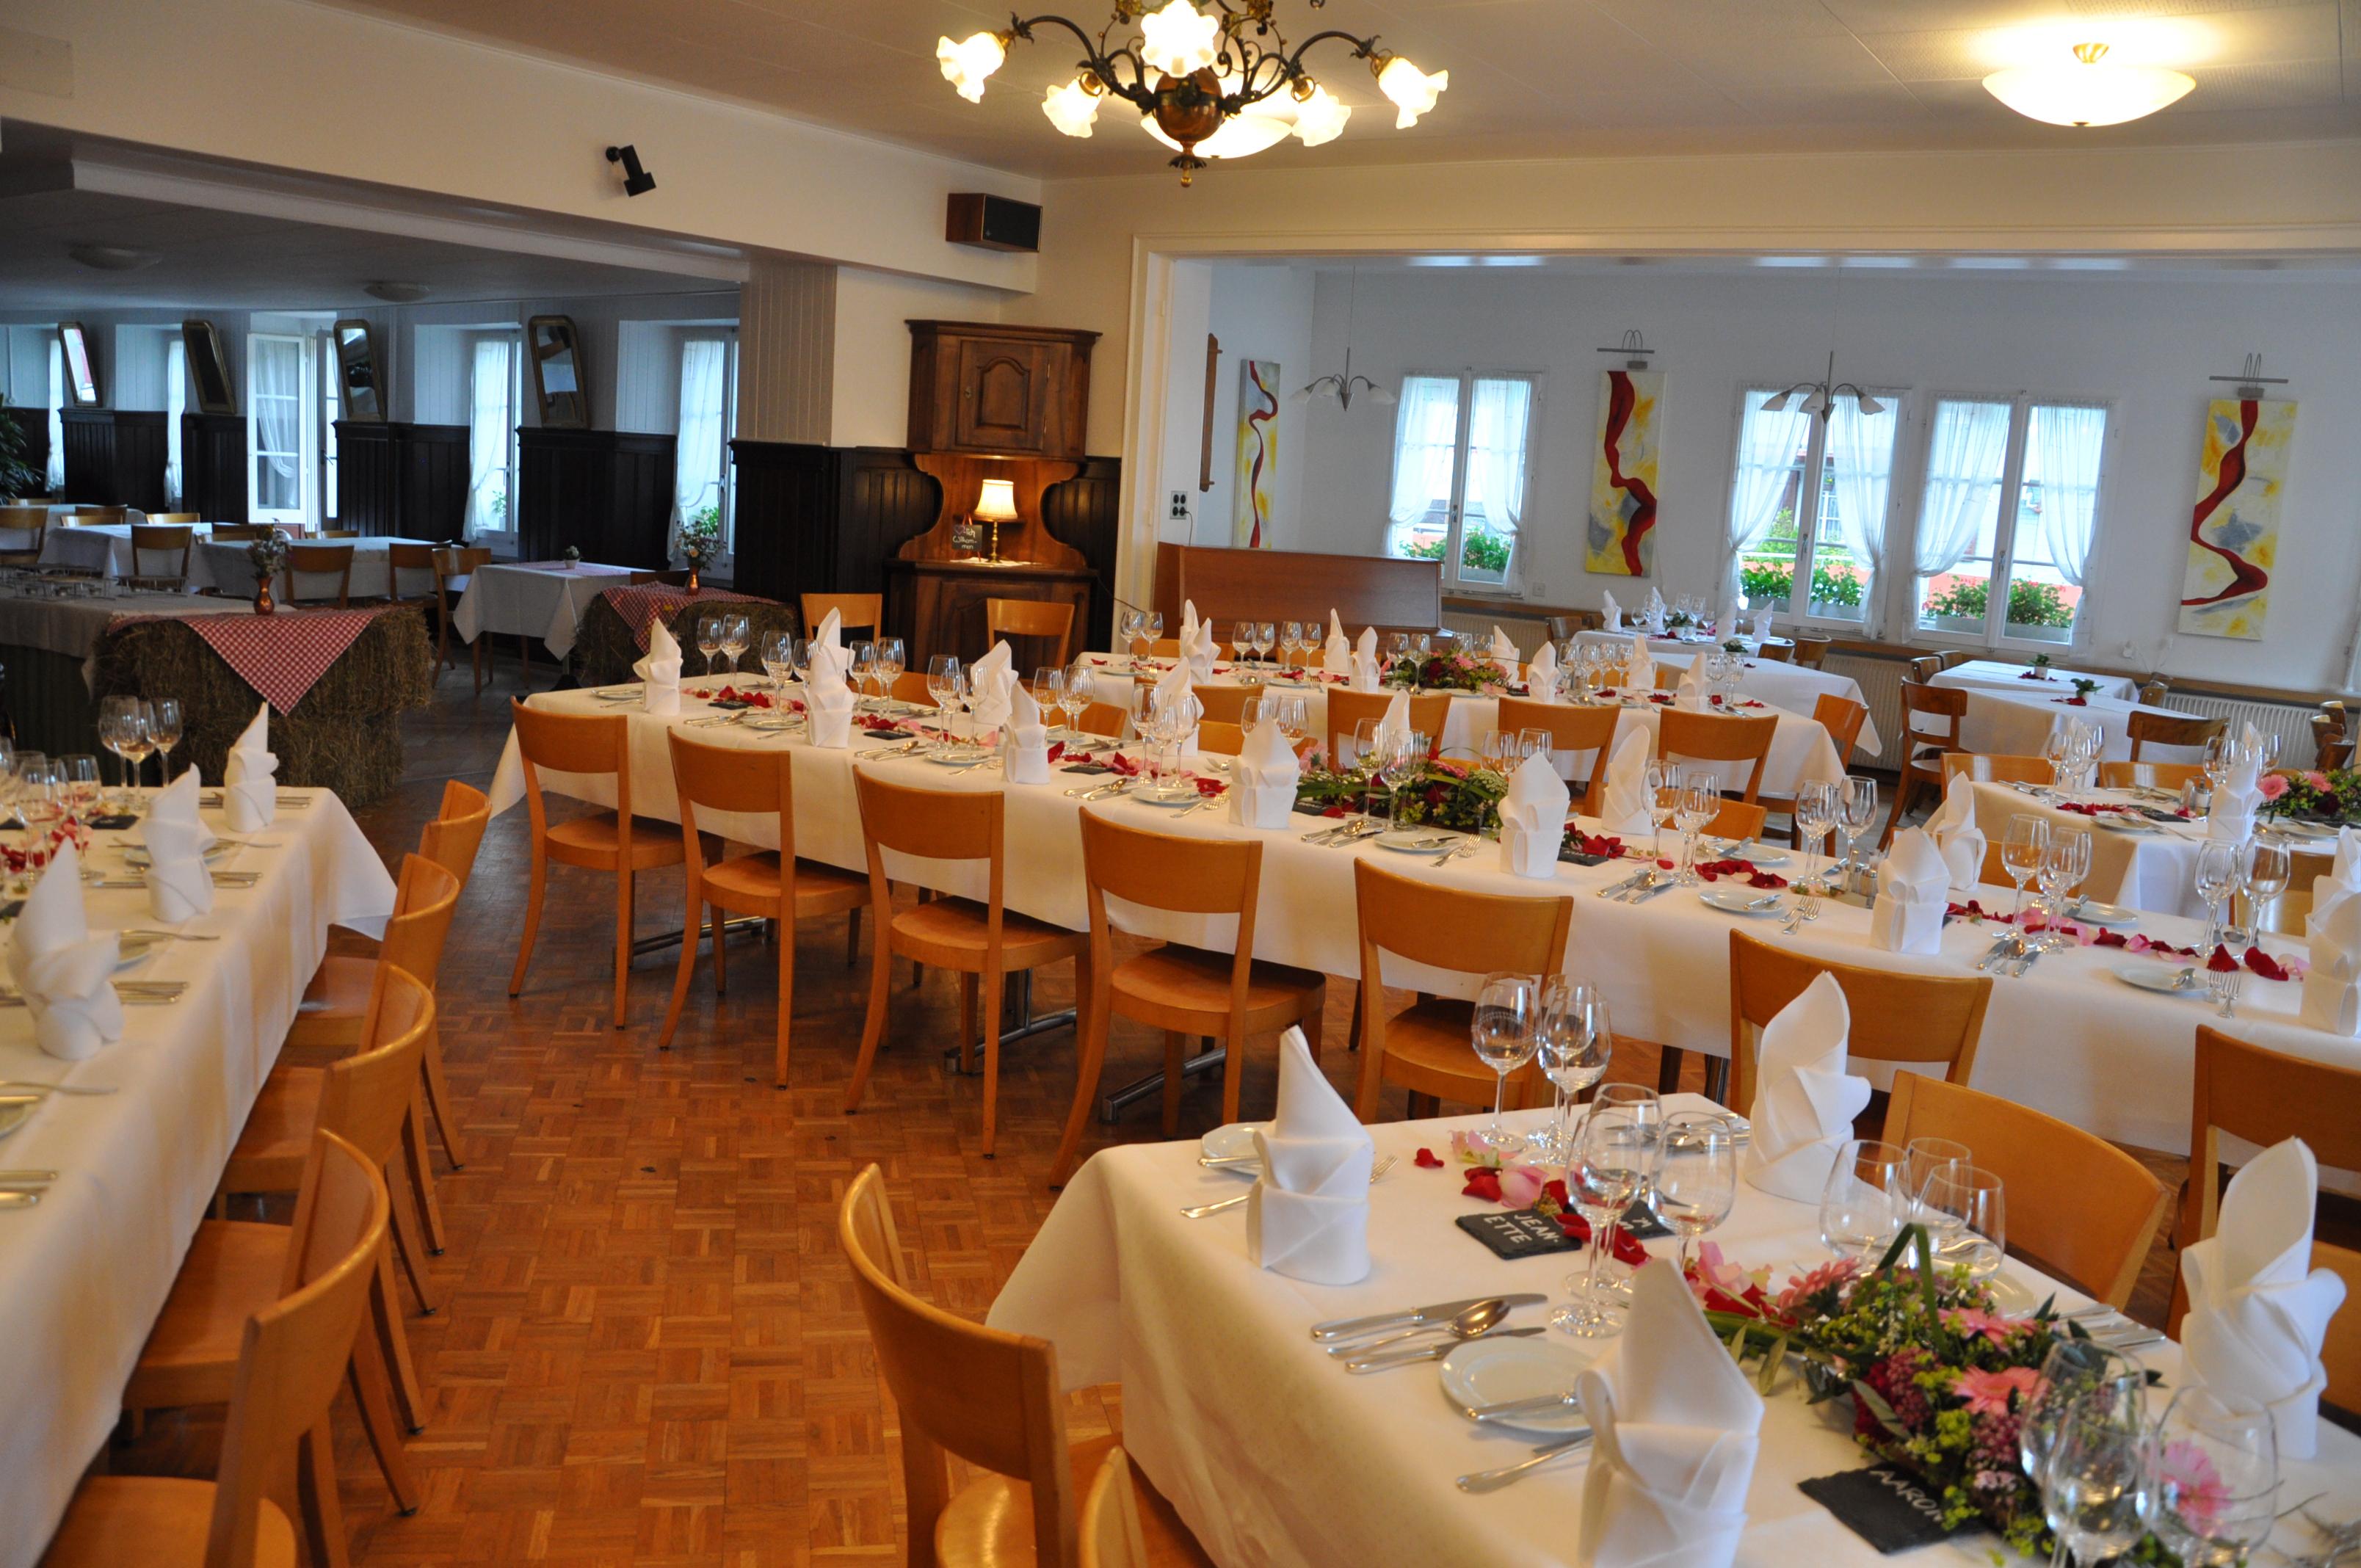 Mit Seinen 153 M2 Bietet Unser Saal Sitzplätze Für Bis Zu 90 Personen Und  Ist Bestens Geeignet Für Bankette. Bankett